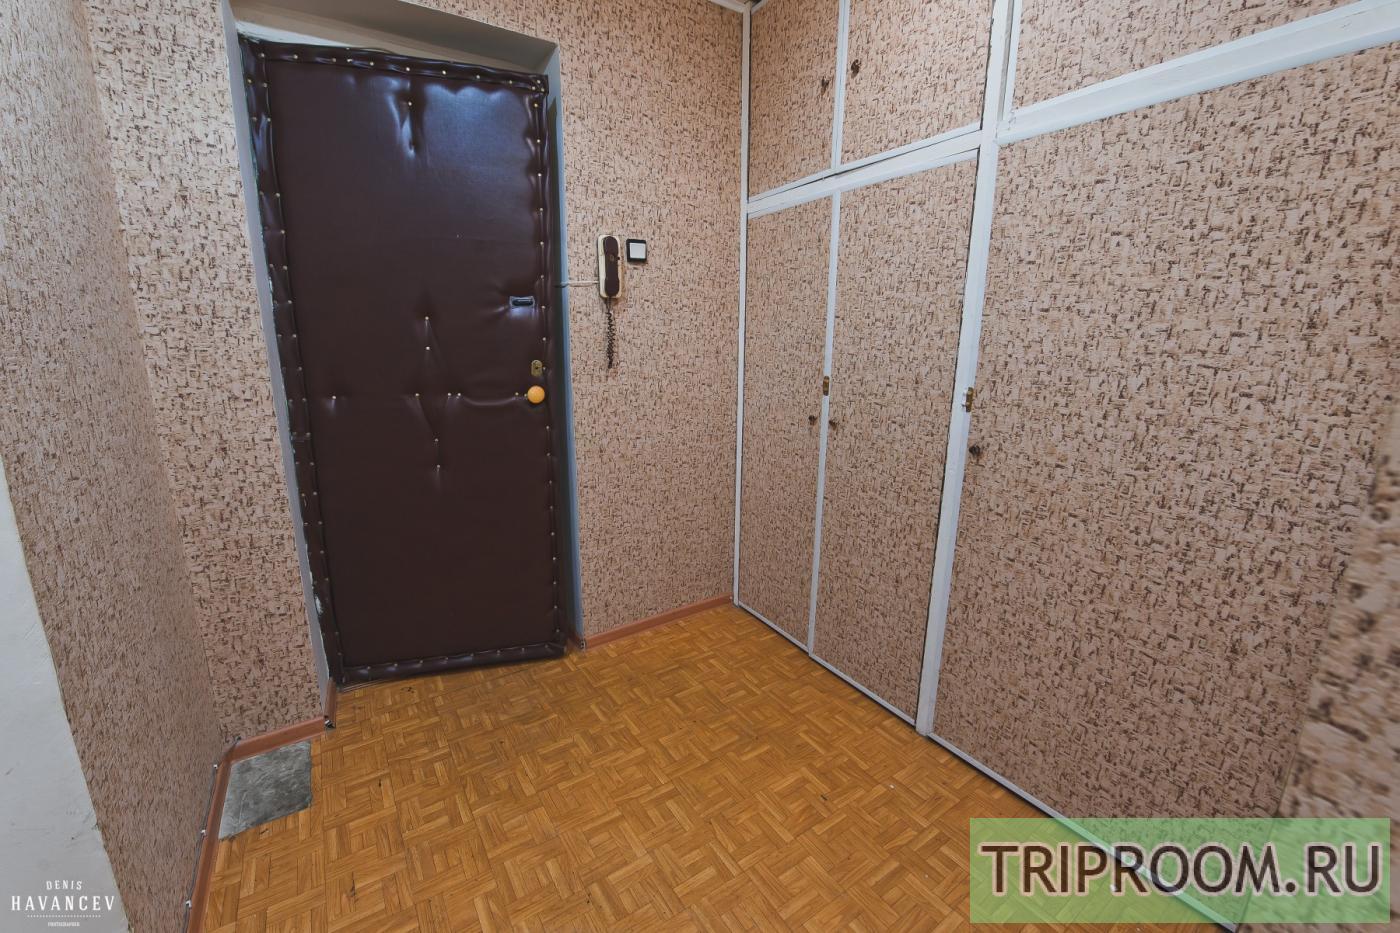 1-комнатная квартира посуточно (вариант № 14826), ул. Радищева улица, фото № 13